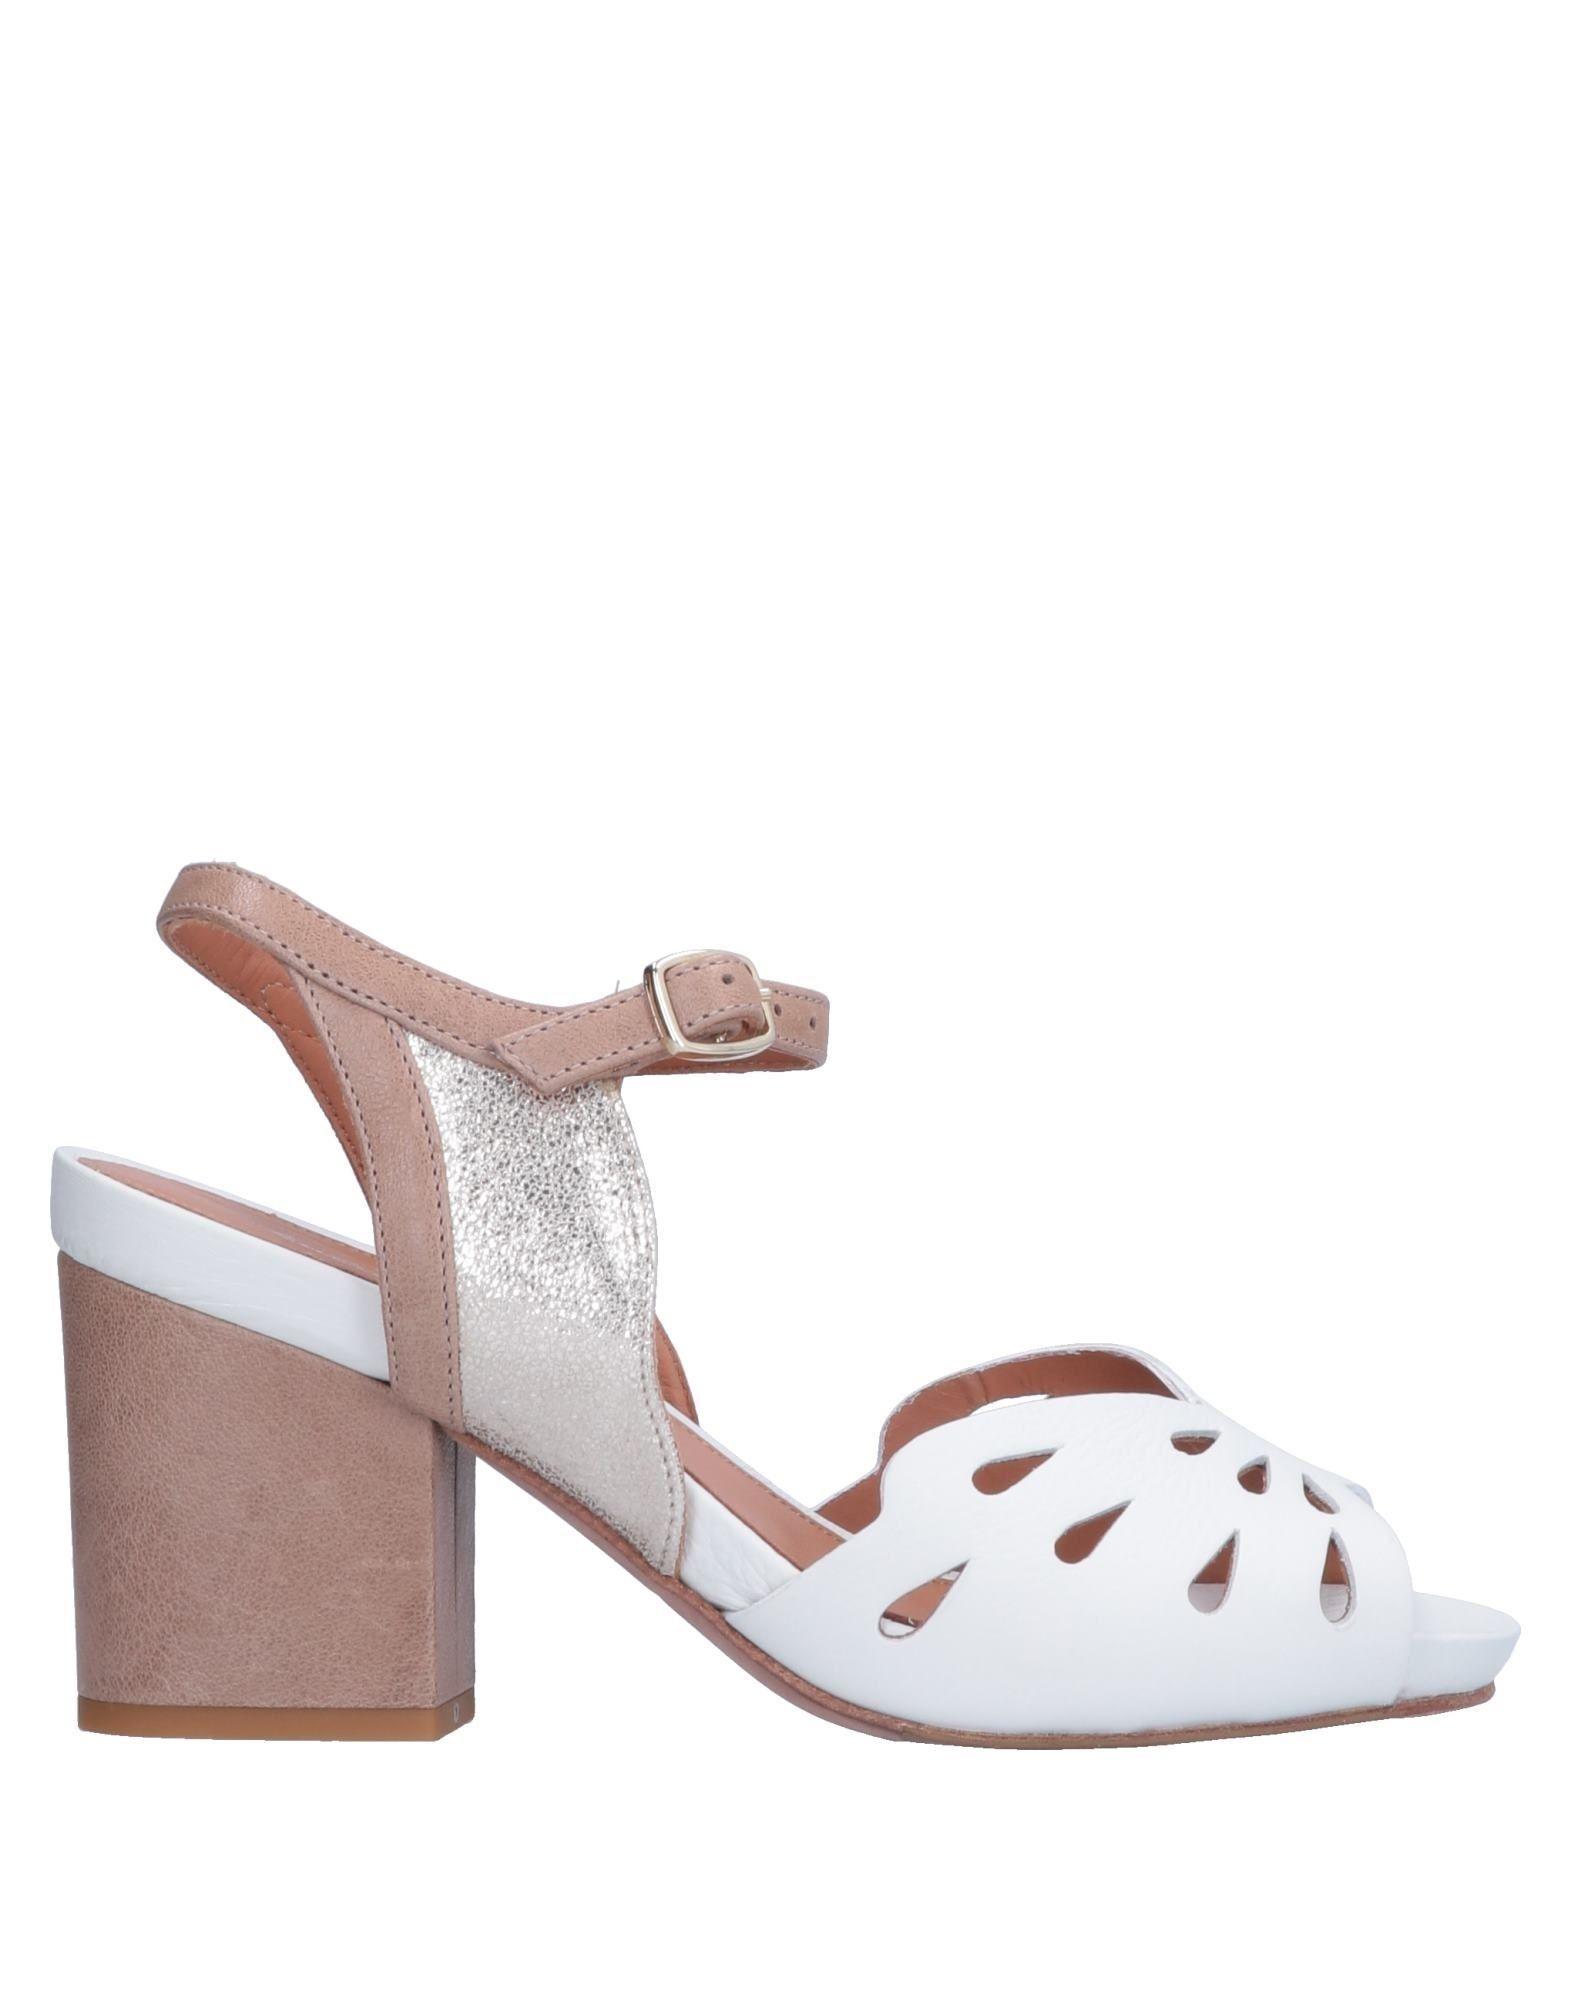 Footwear J|D Julie Dee White Women's Leather